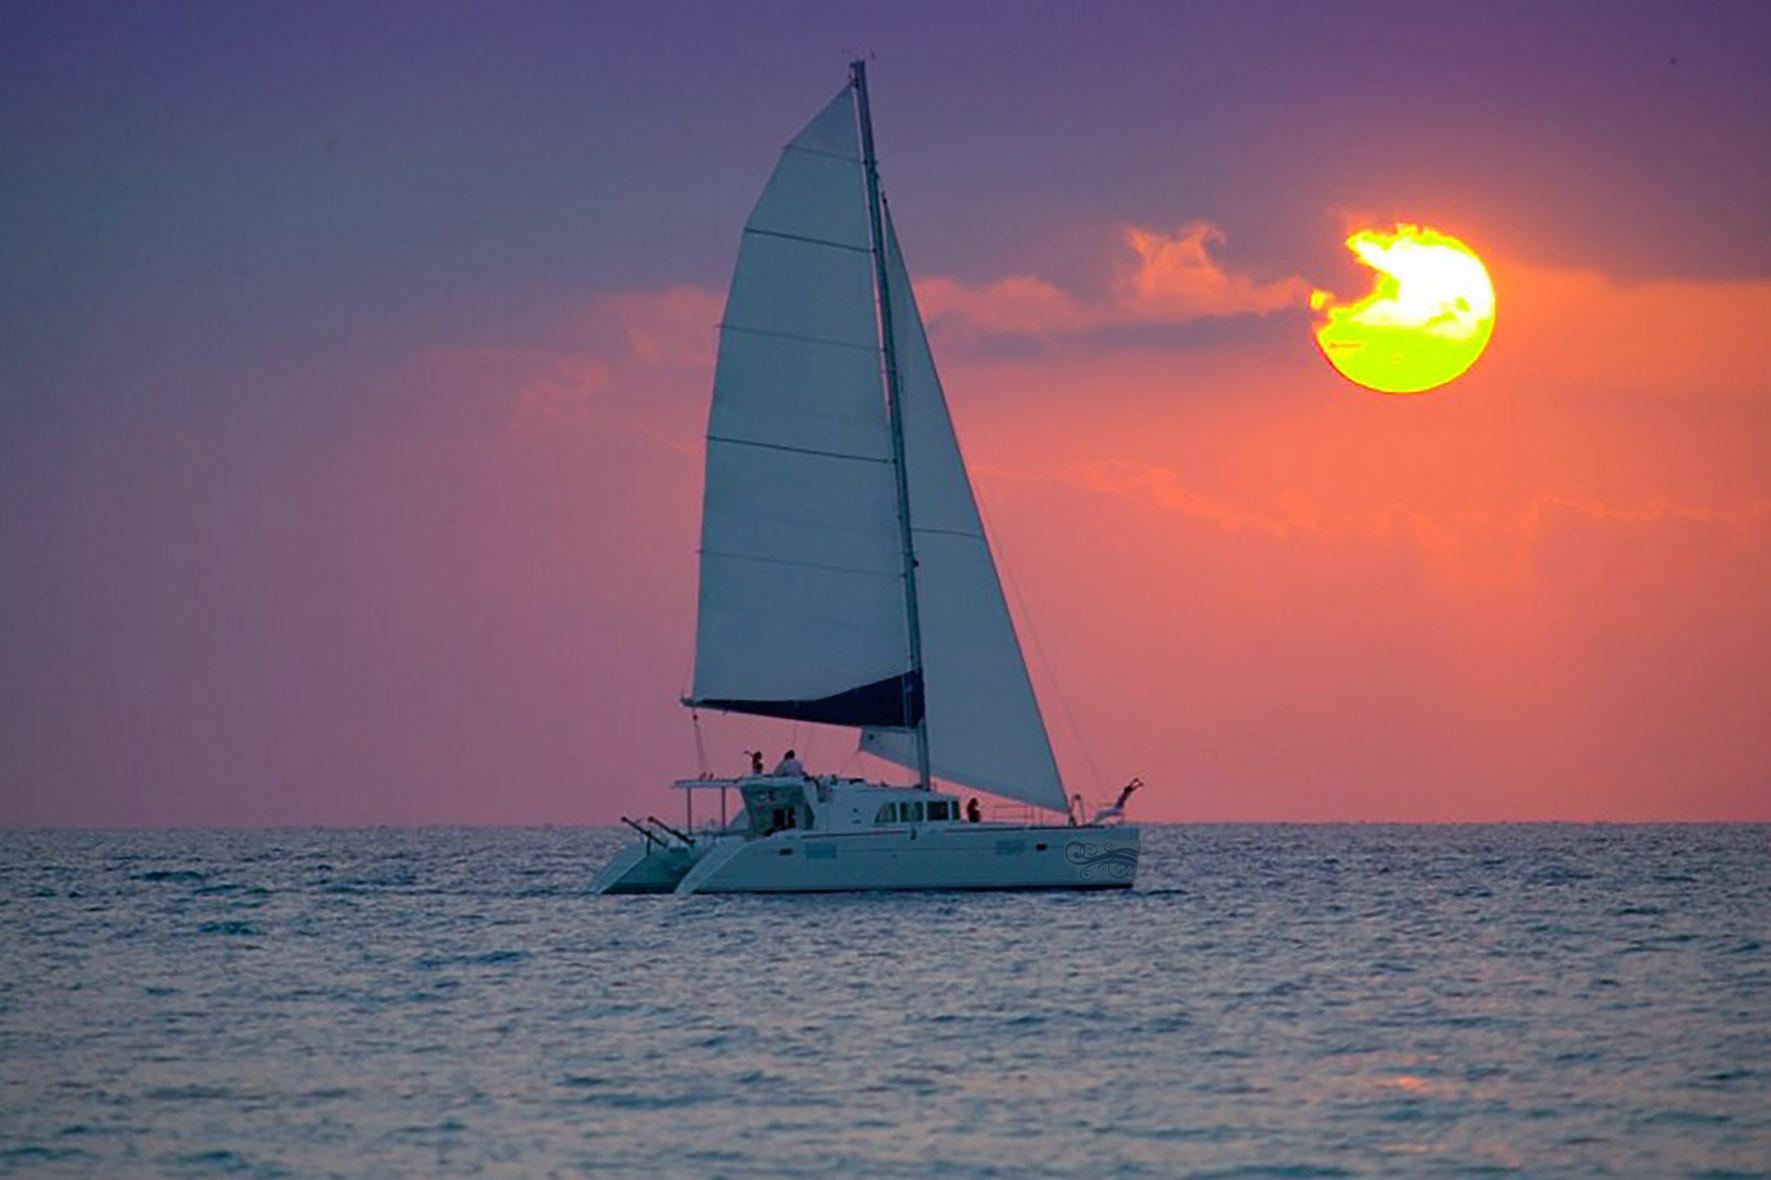 lagoon sundownF